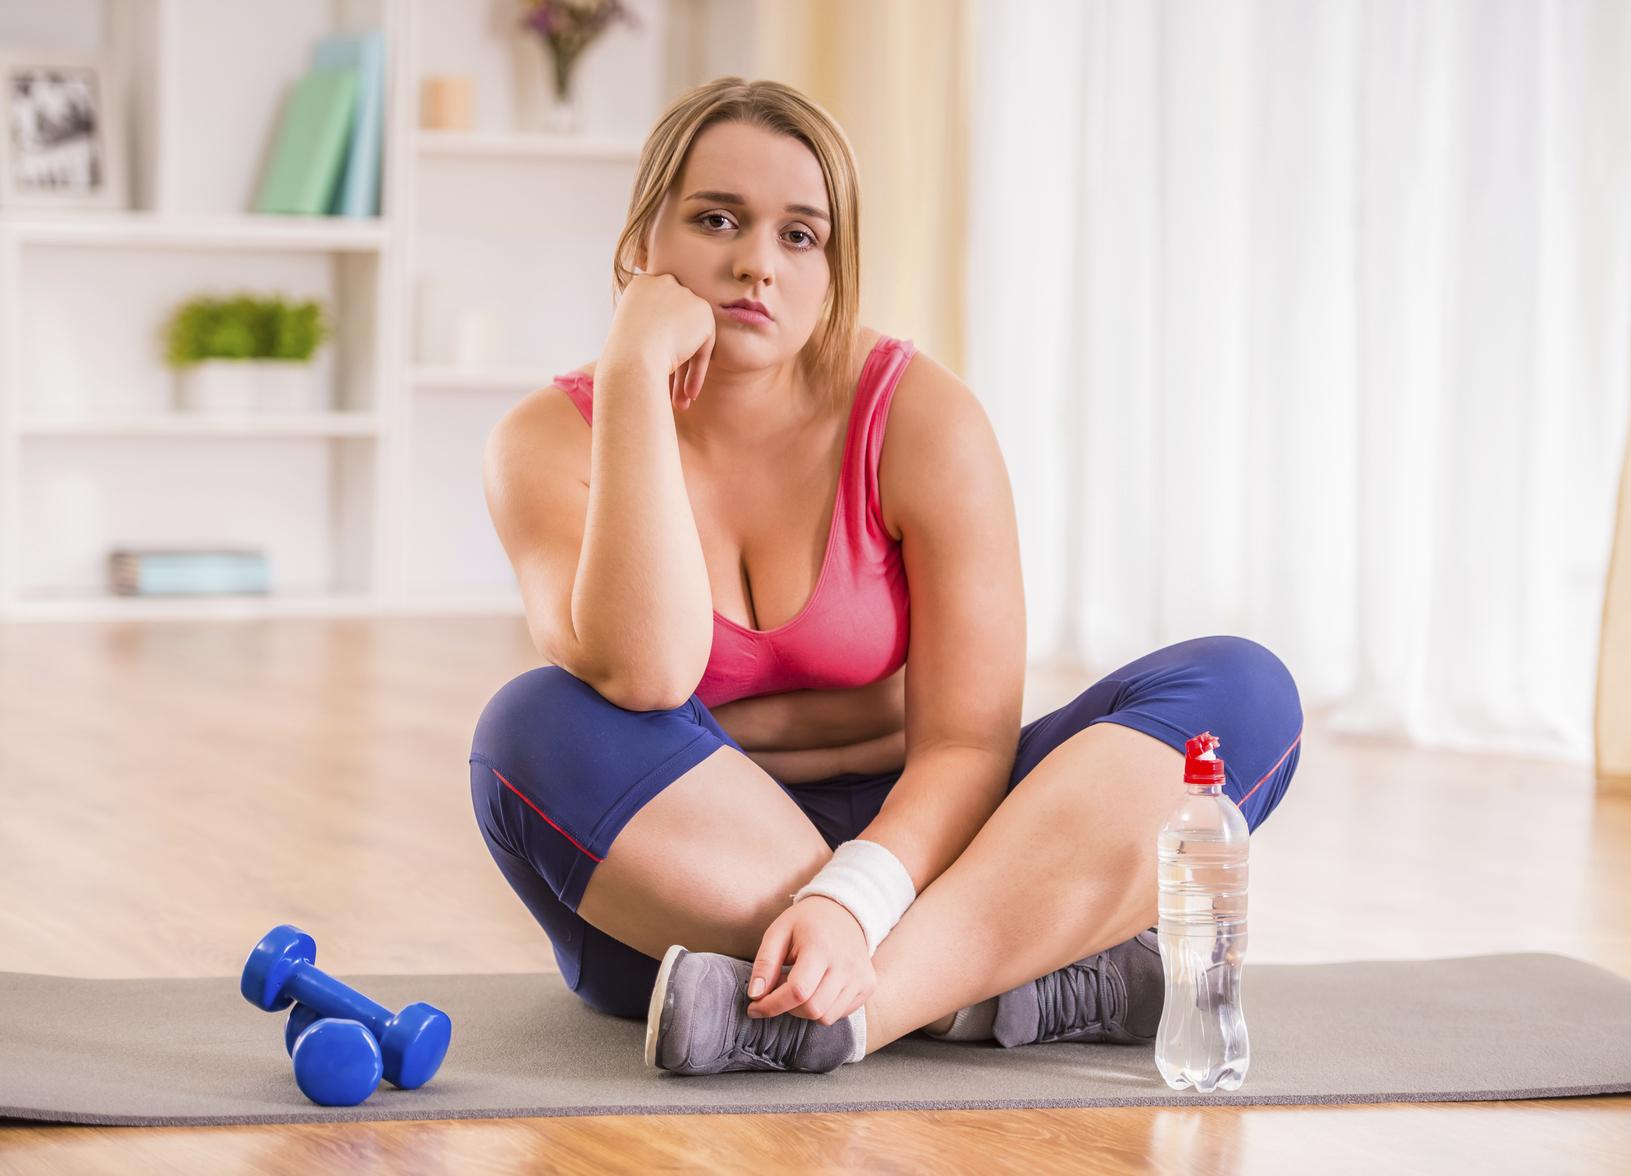 Как заставить себя заняться спортом и похудеть. как заставить себя похудеть: следуем советам психологов